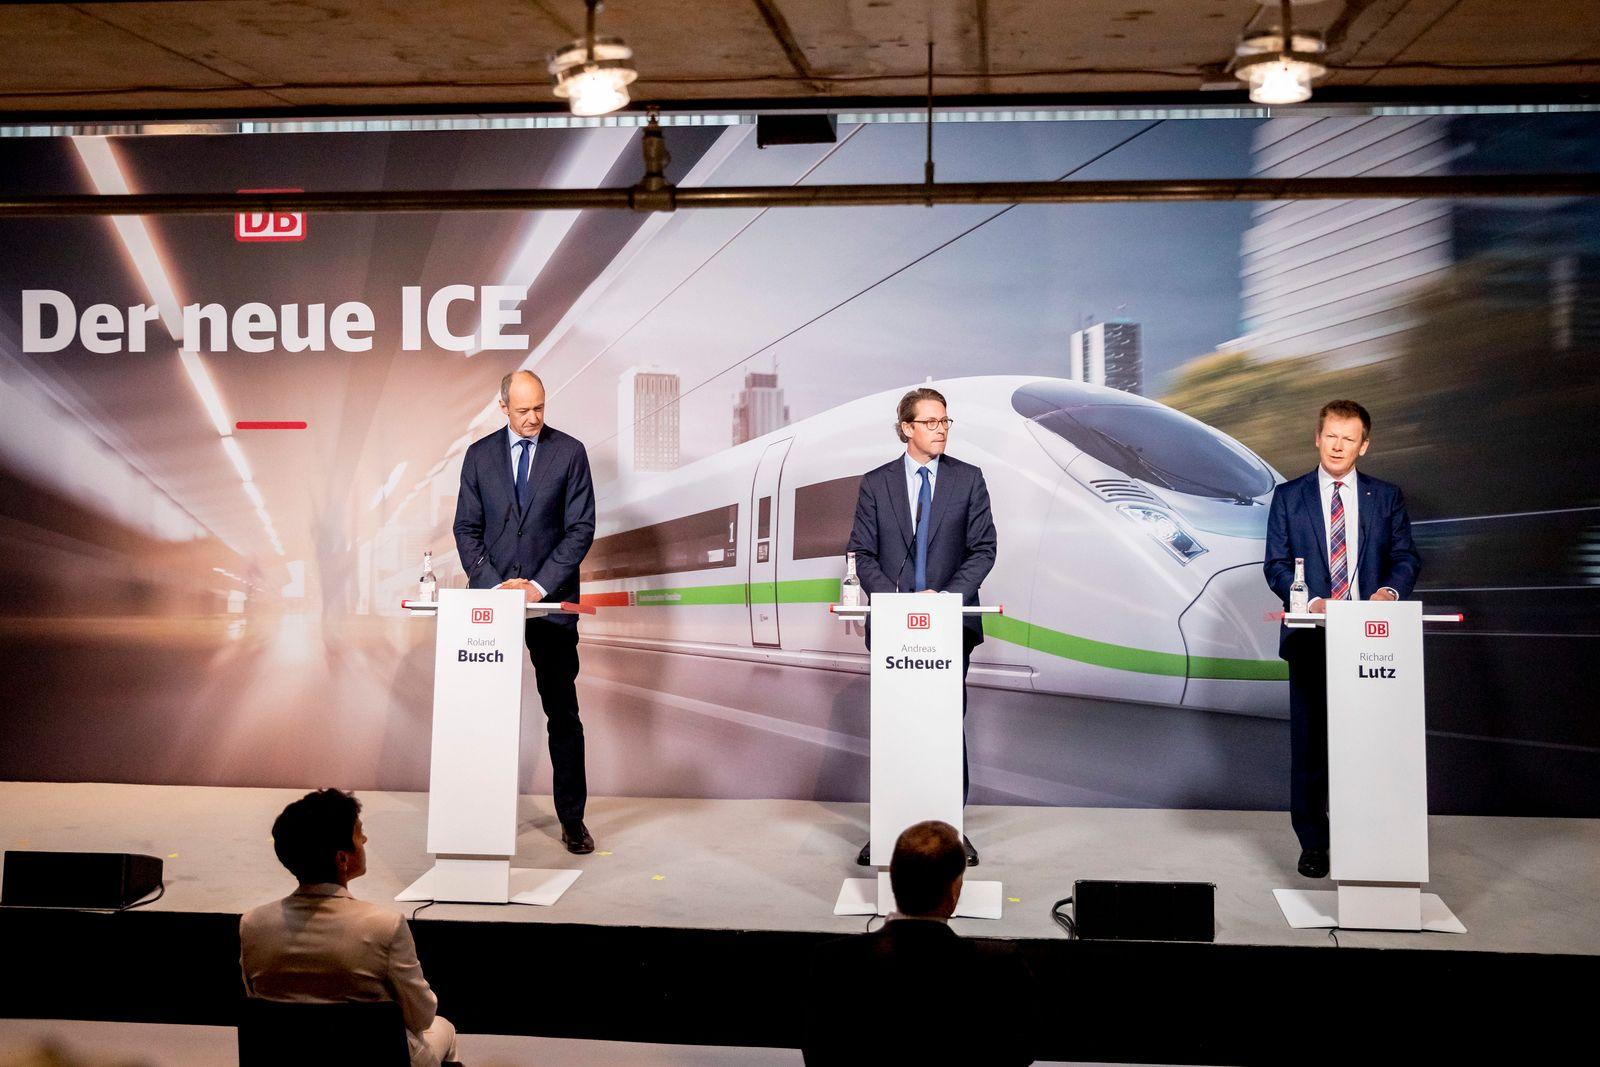 Pressekonferenz zu Milliardeninvestitionen in ICE-Flotte